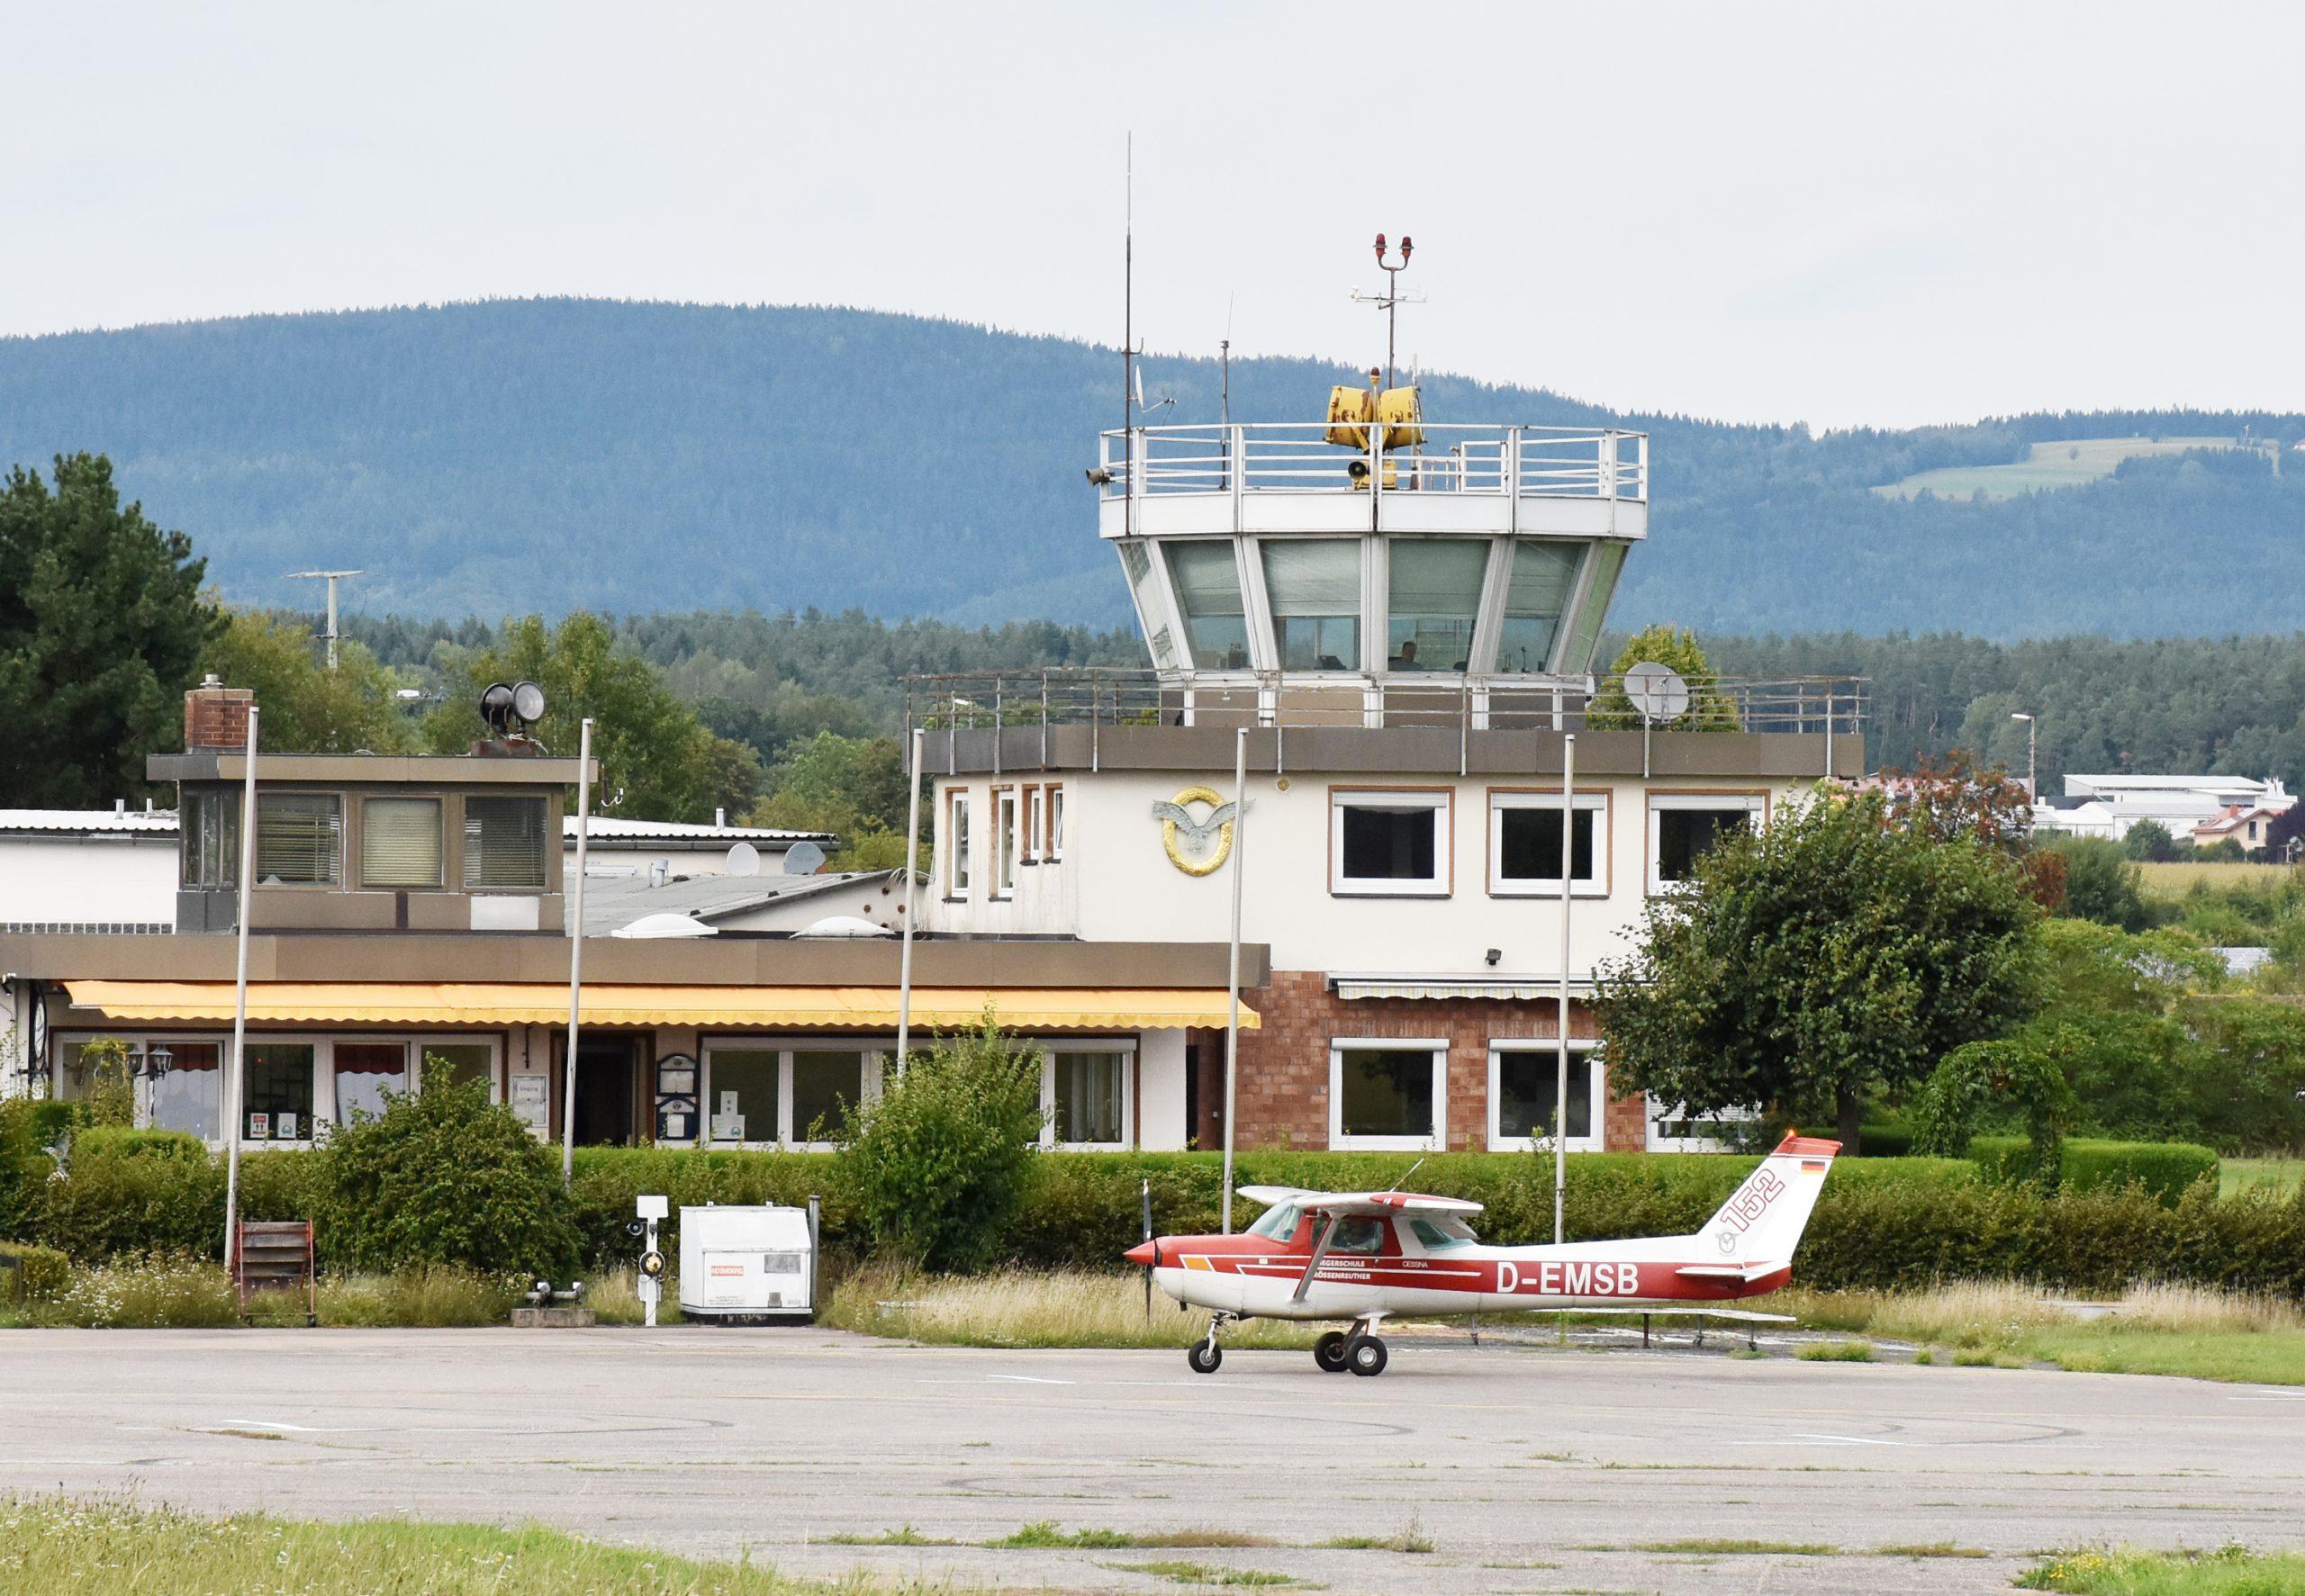 Fliegerschule Strößenreuther Speichersdorf